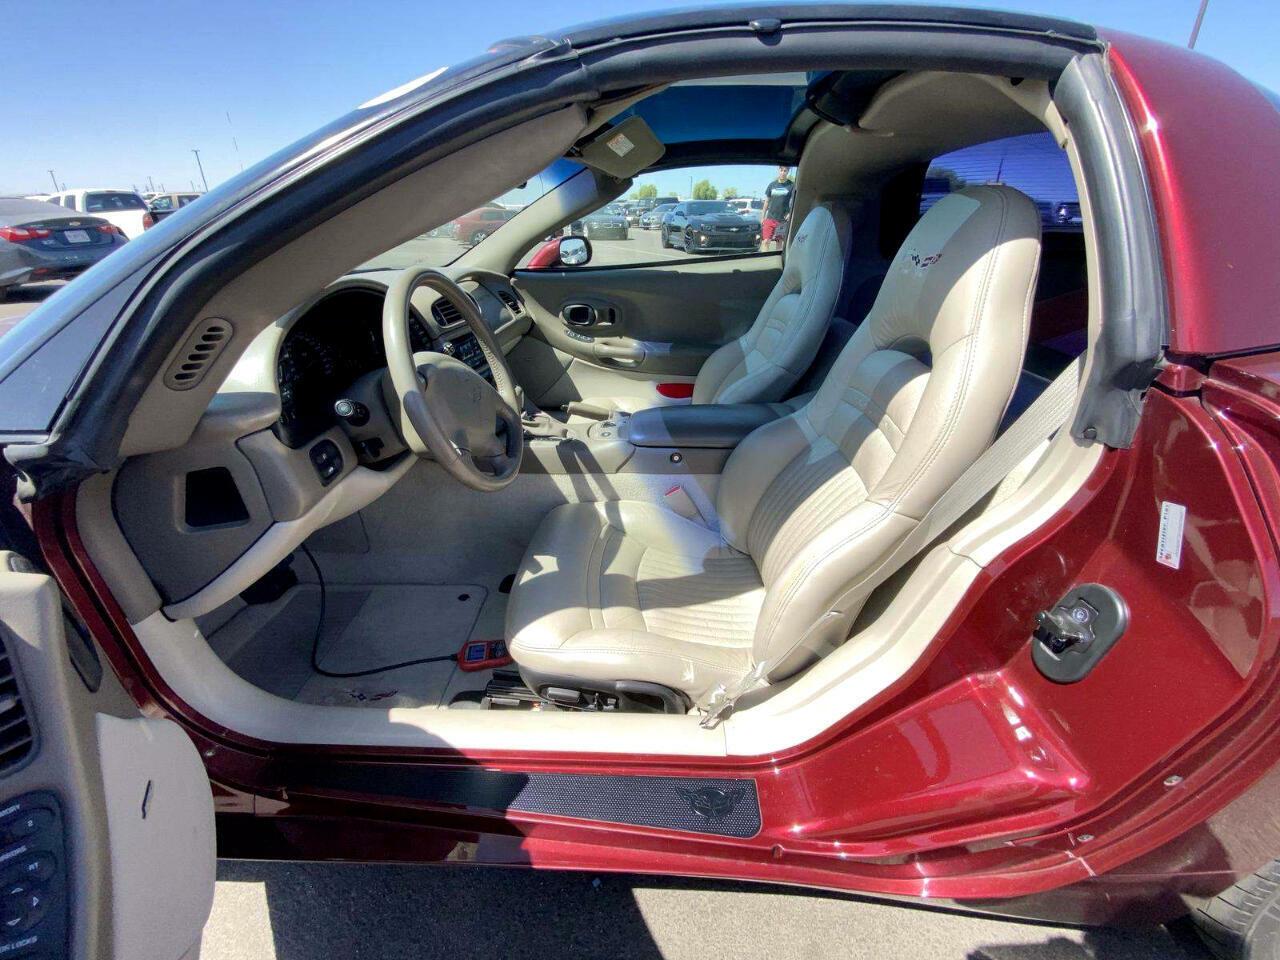 2003 Burgundy Chevrolet Corvette     C5 Corvette Photo 5